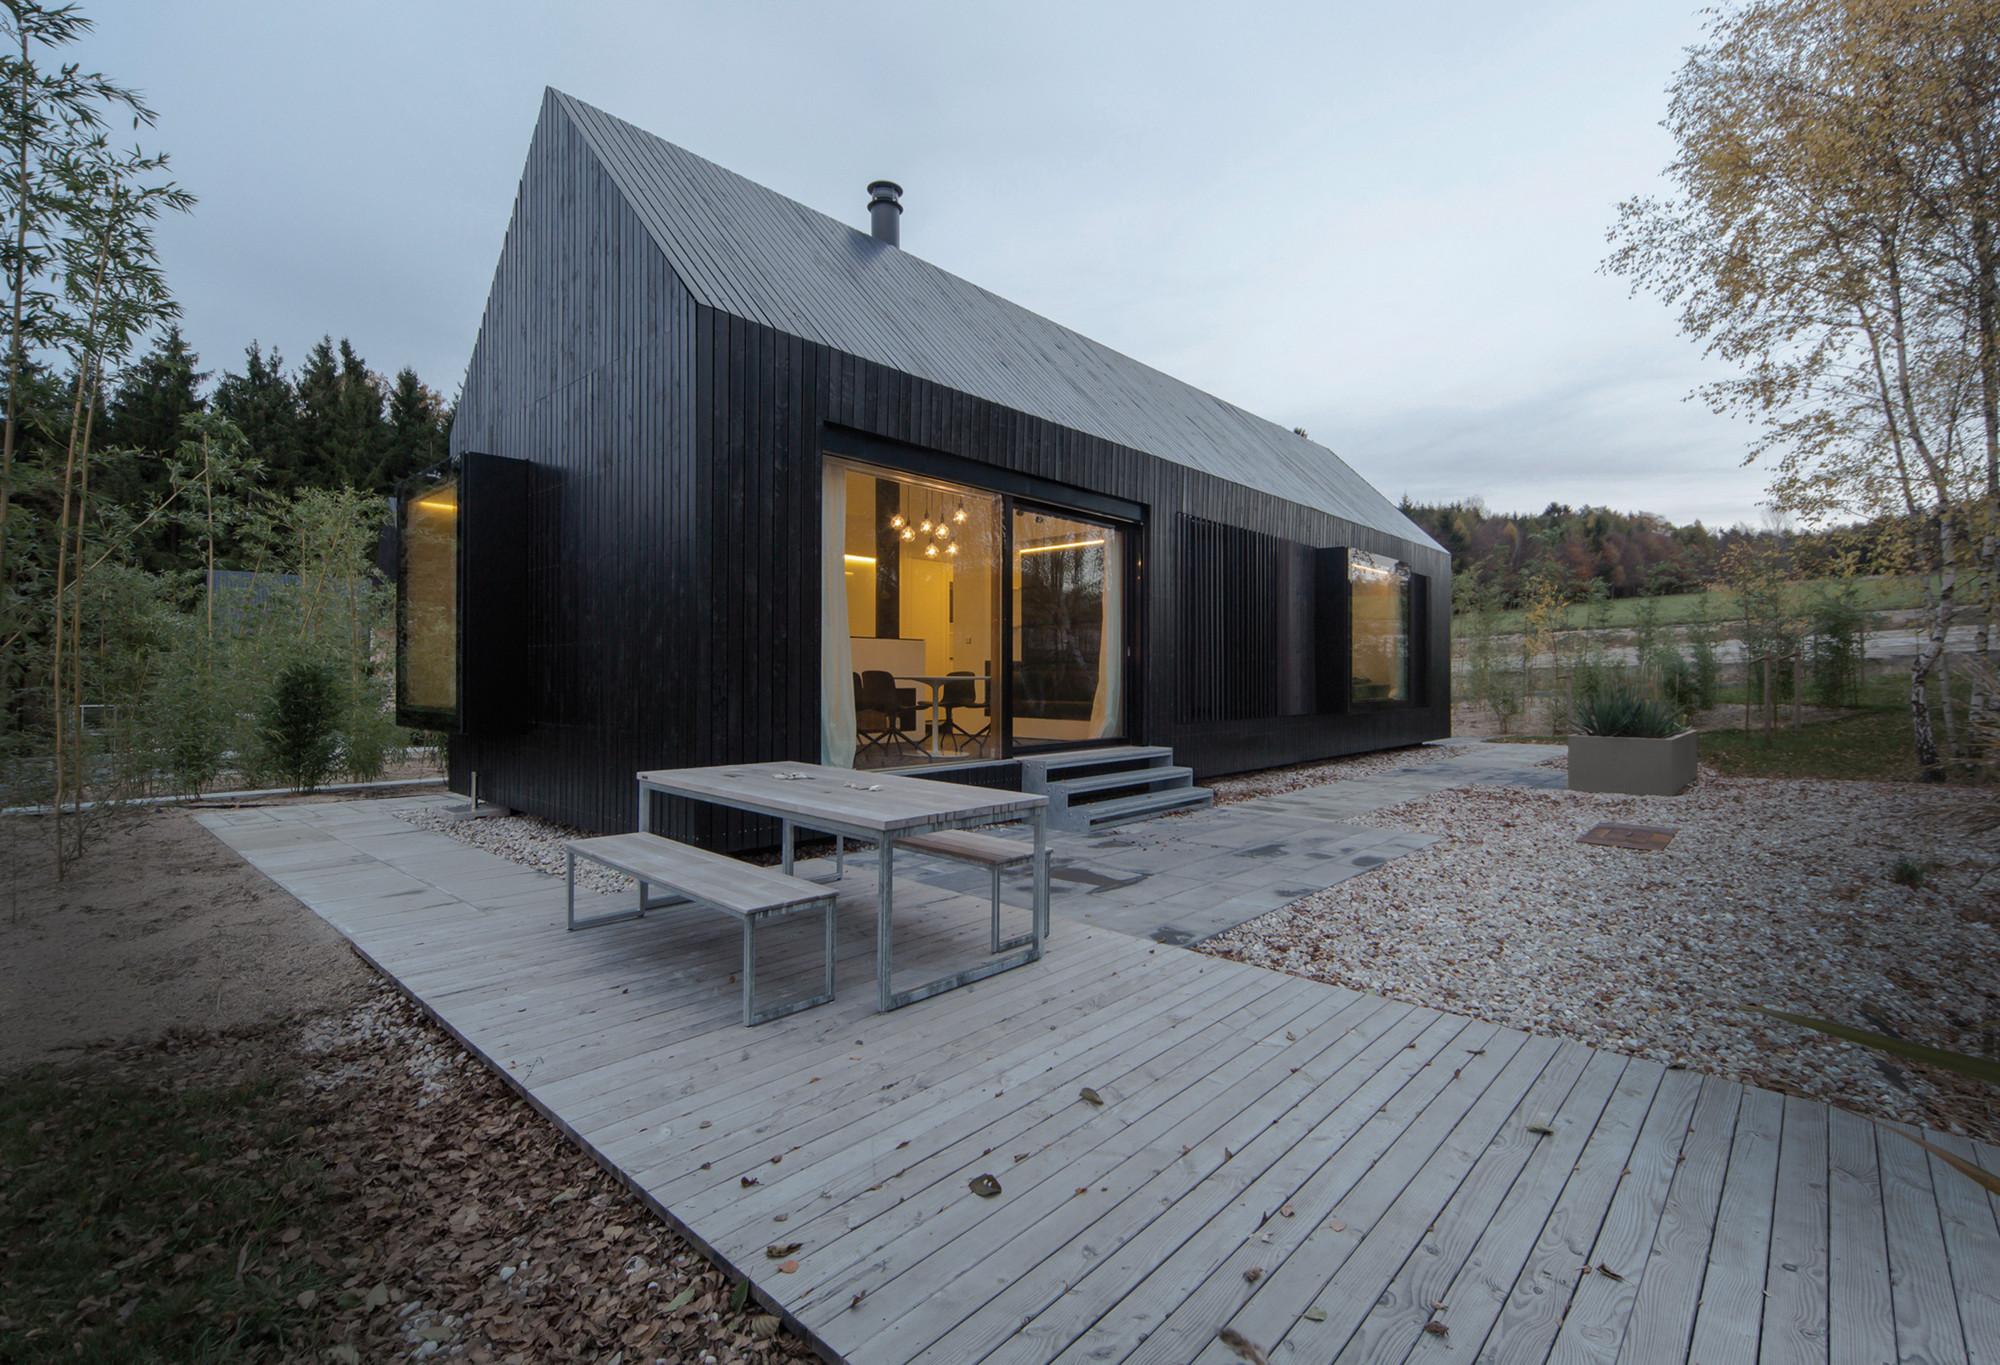 gallery of hofgut format elf architekten 1. Black Bedroom Furniture Sets. Home Design Ideas